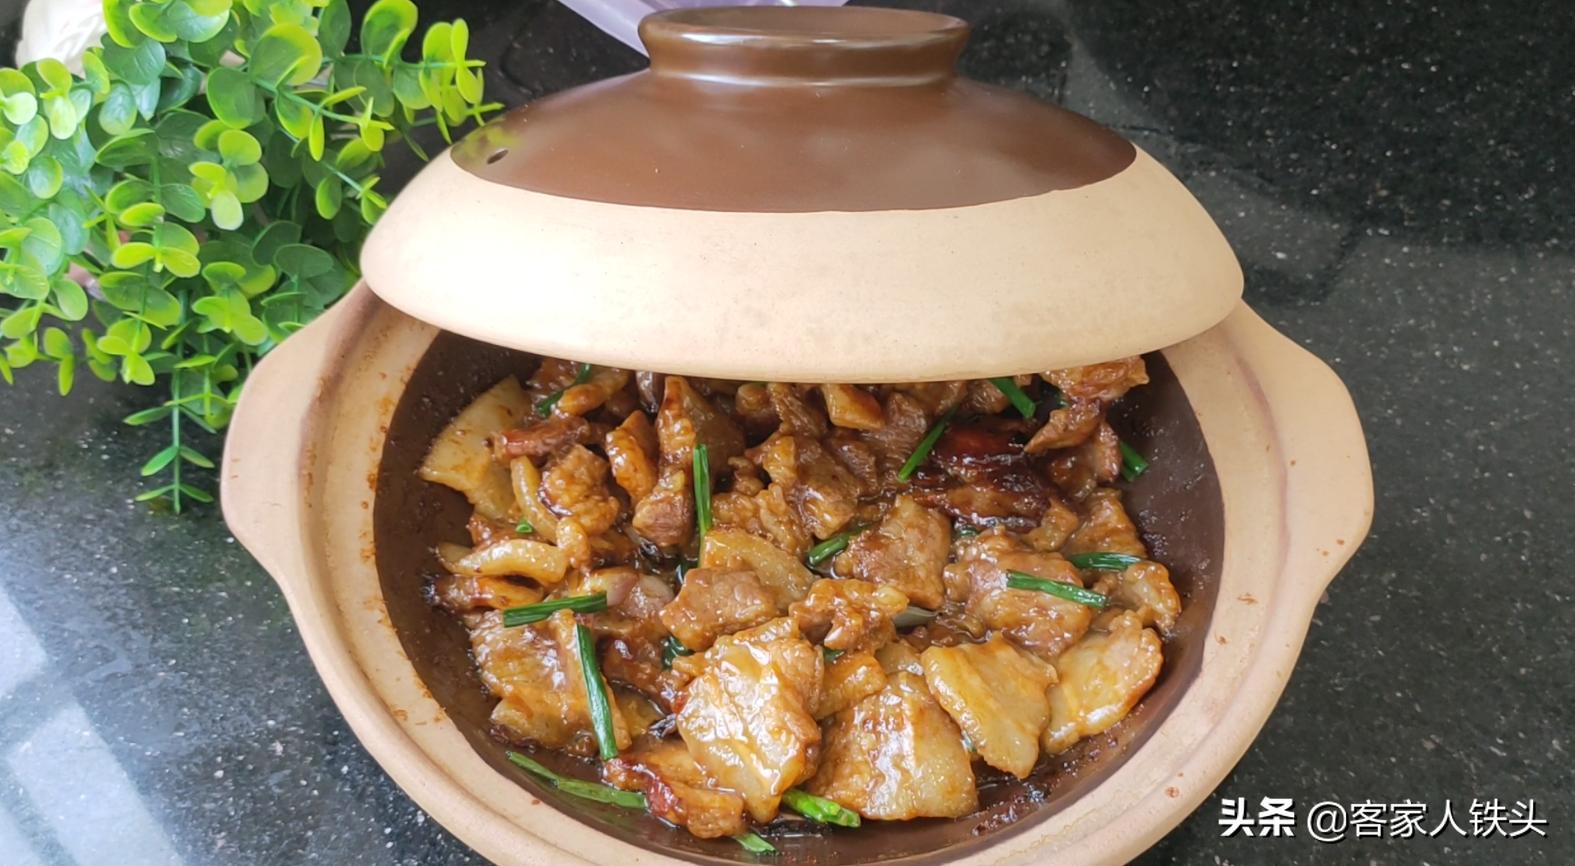 廣式生焗肉片真叫一個香,做法簡單,6分鐘出鍋,香嫩好吃又下飯